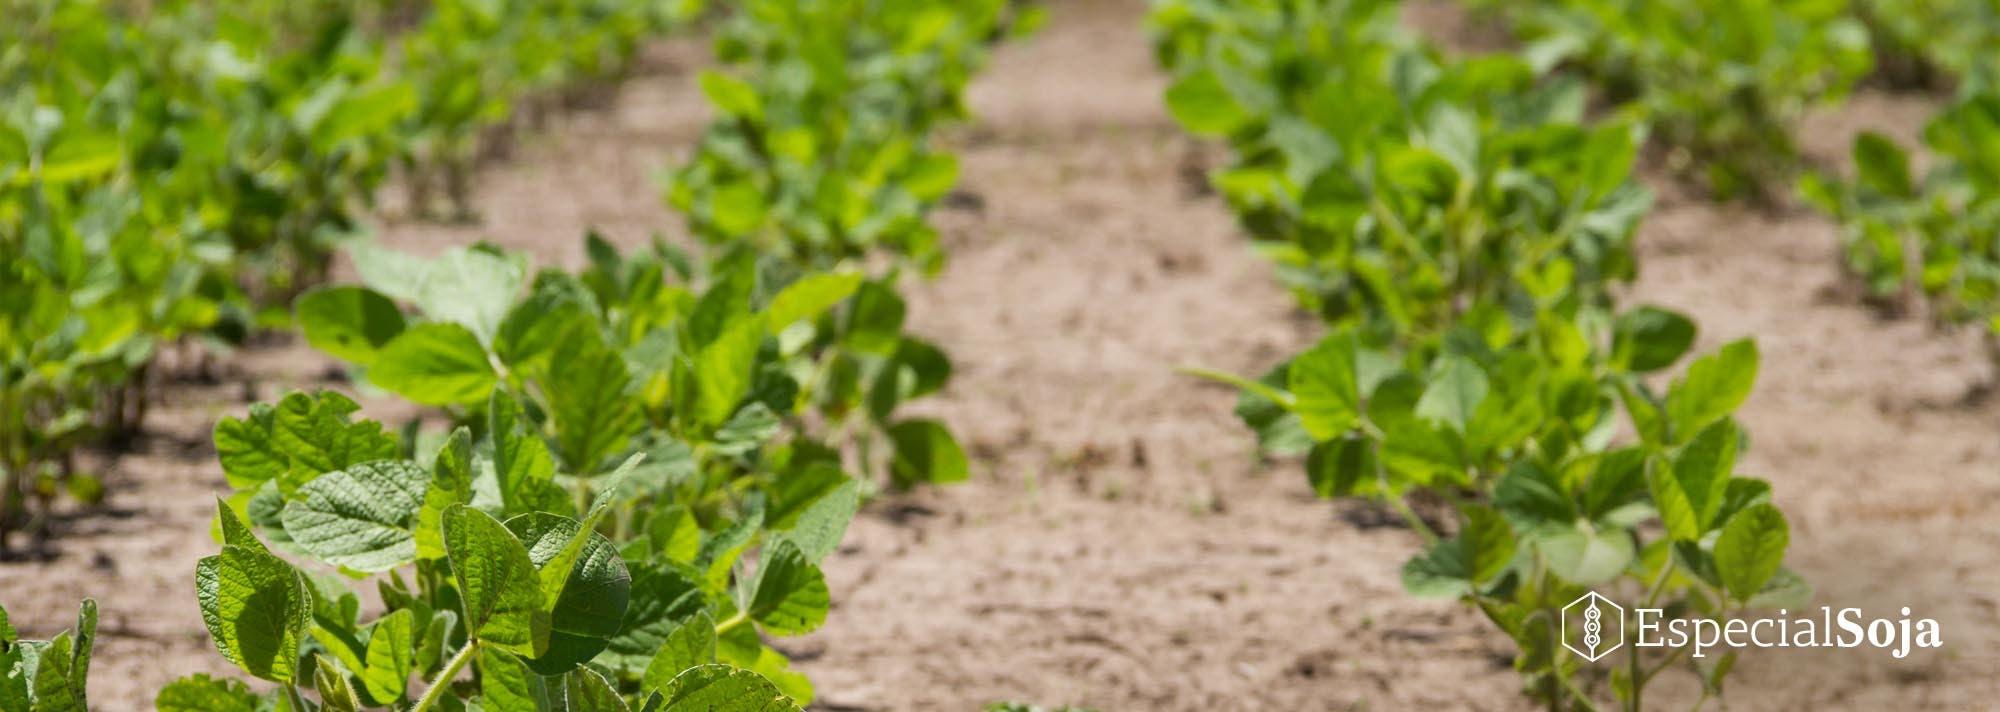 Plagas, malezas y hongos: una estrategia de protección total para la soja